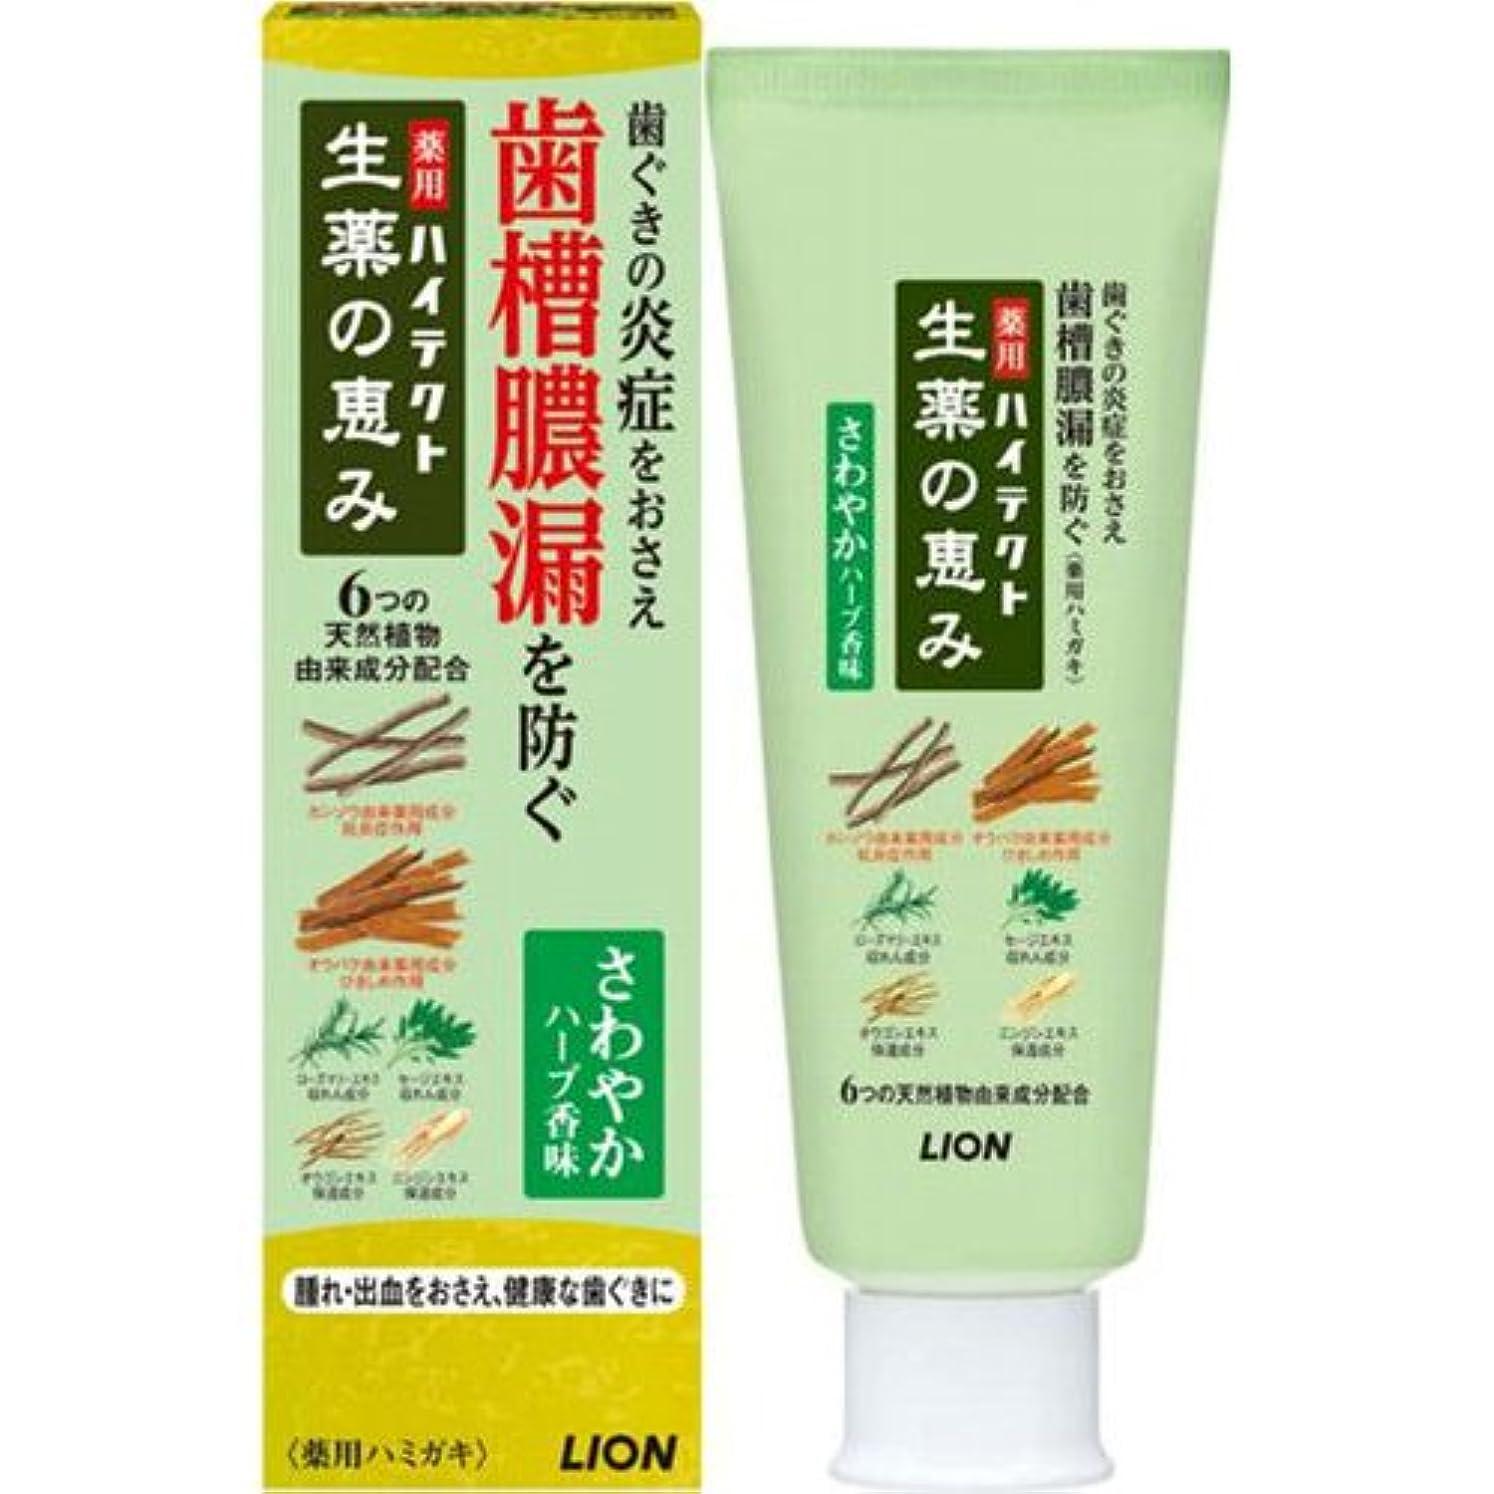 乳白セクタ深く【ライオン】ハイテクト 生薬の恵み さわやかハーブ香味 90g ×3個セット